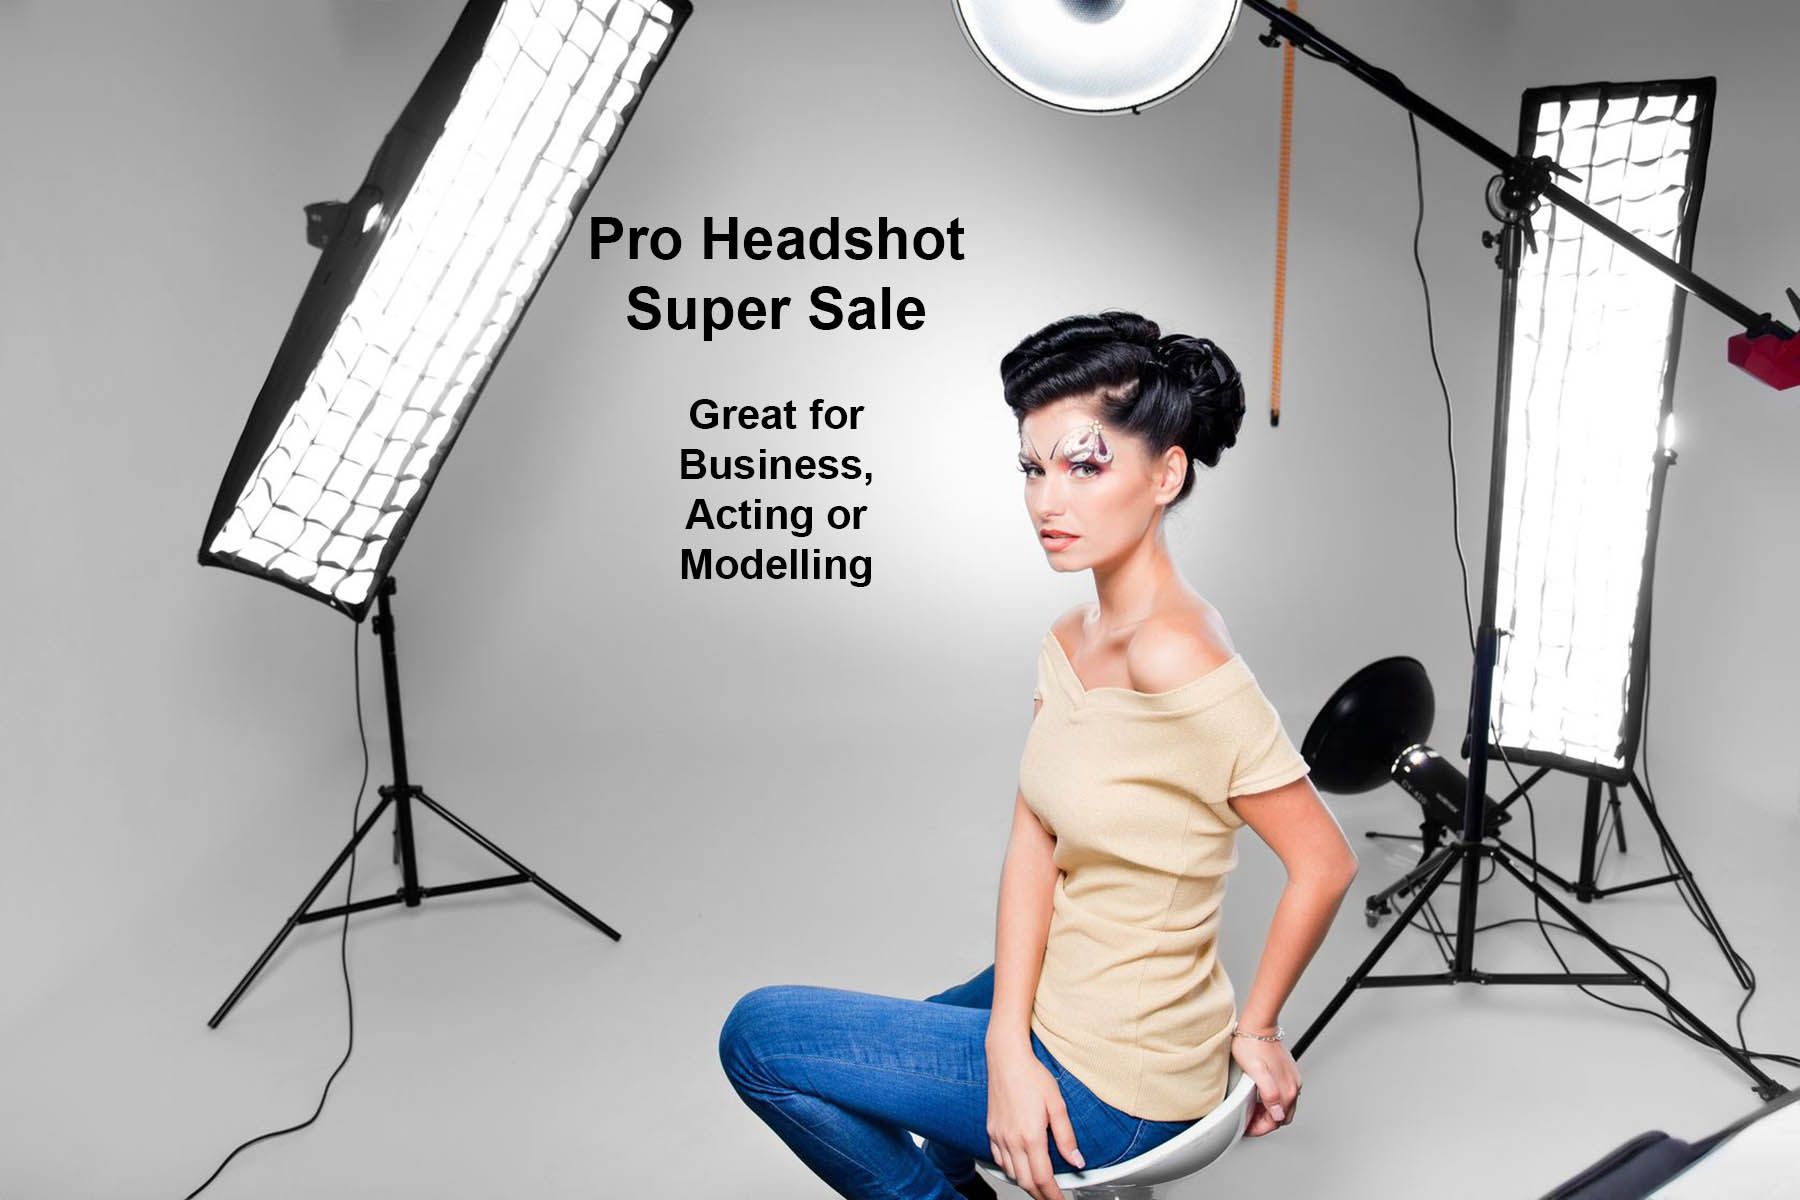 Sudbury headshot Photographer